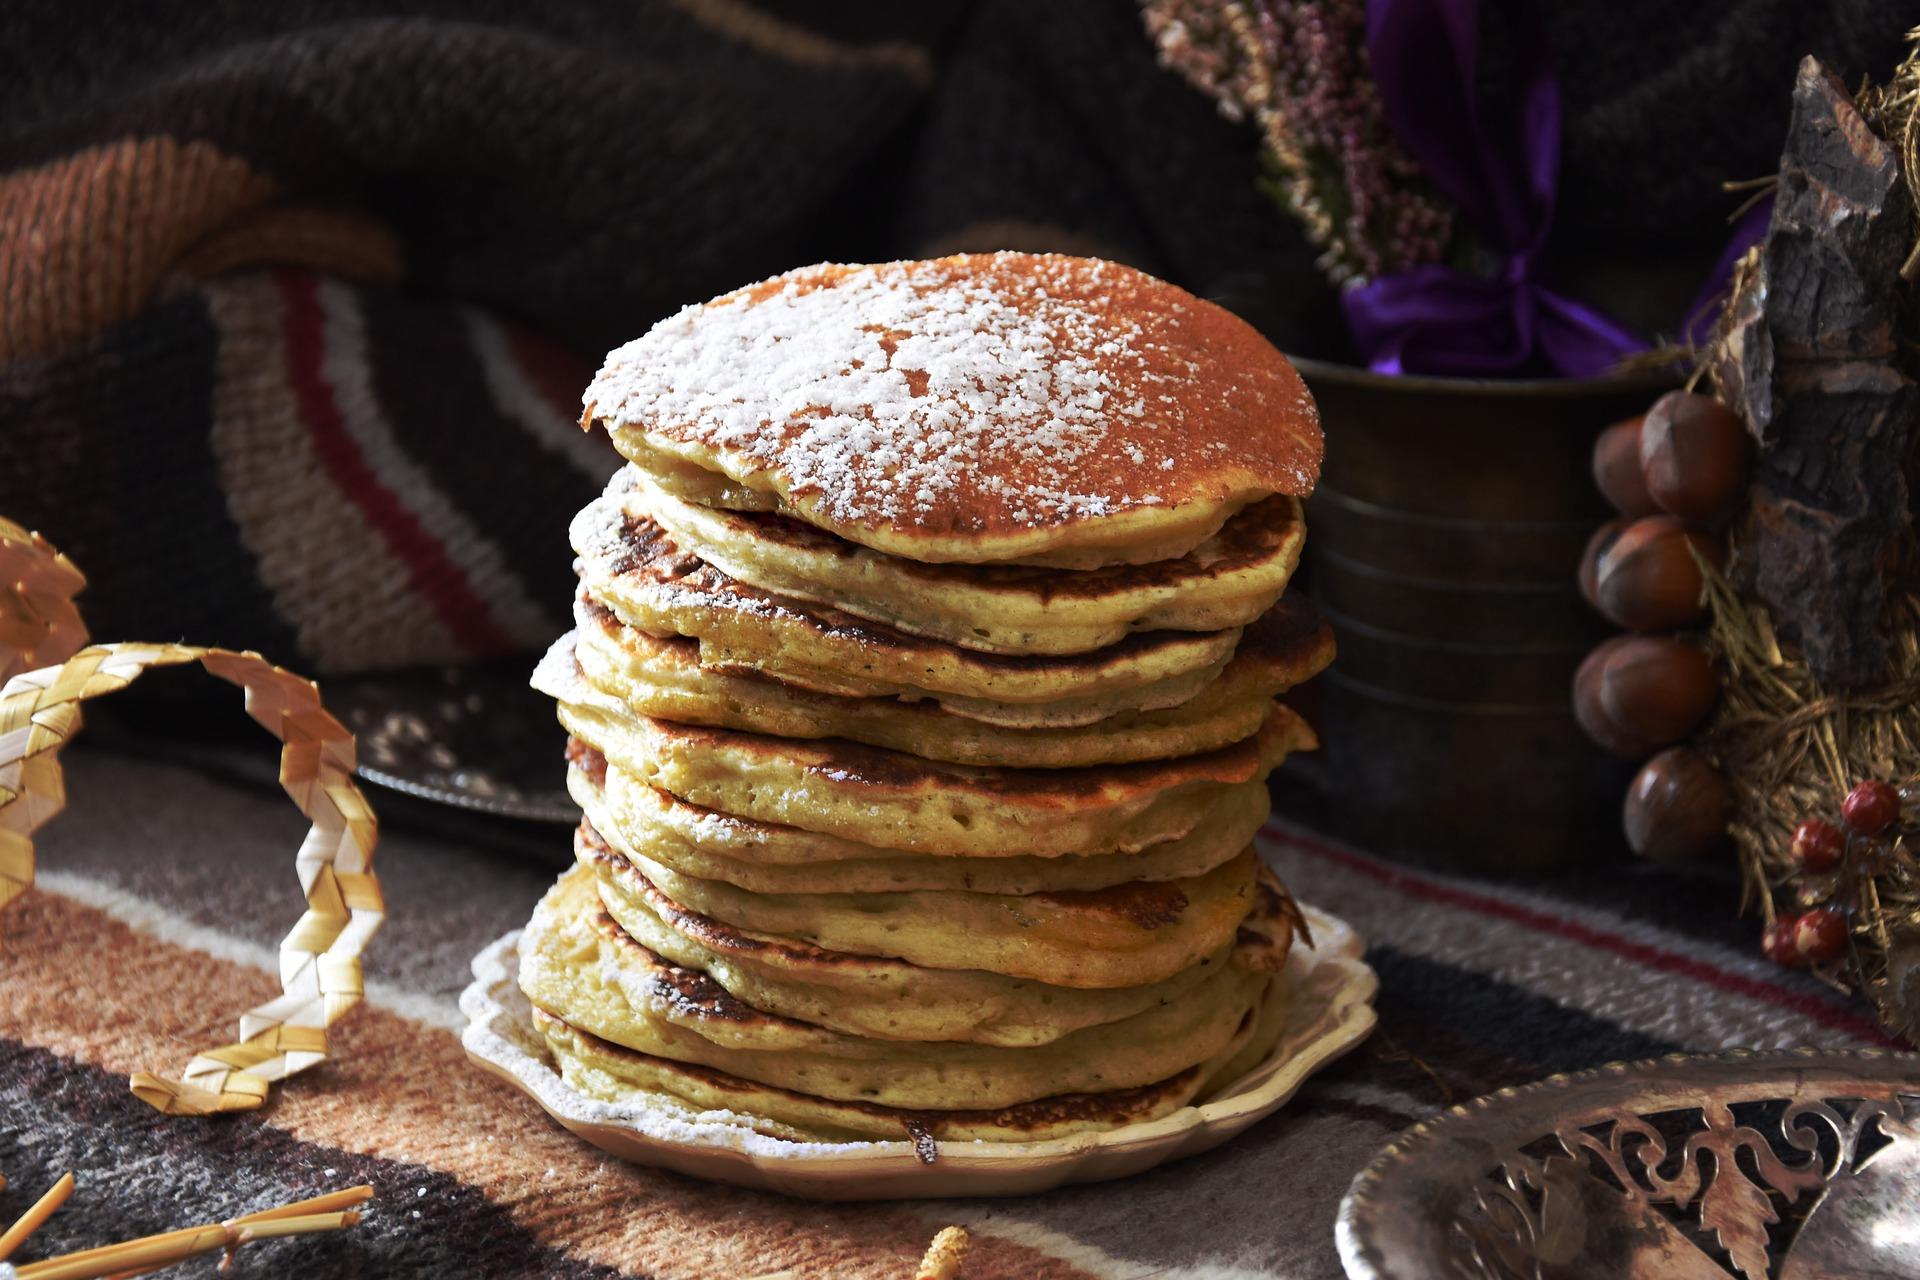 Slikovni rezultat za VAL D'AOSTA pancakes